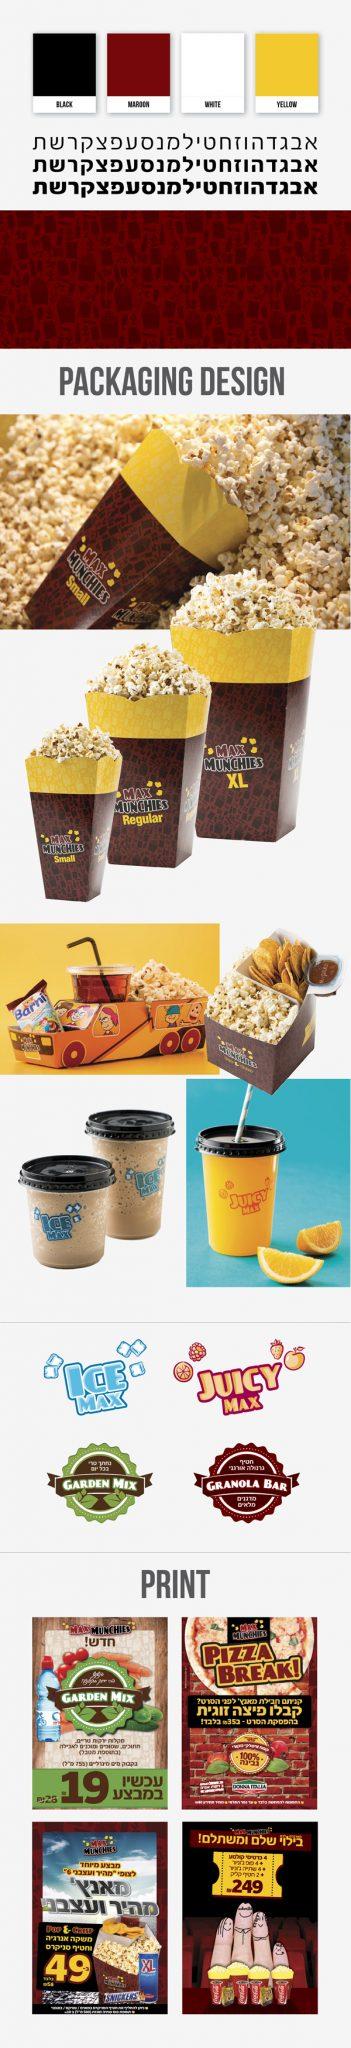 branding, packaging, logo, food